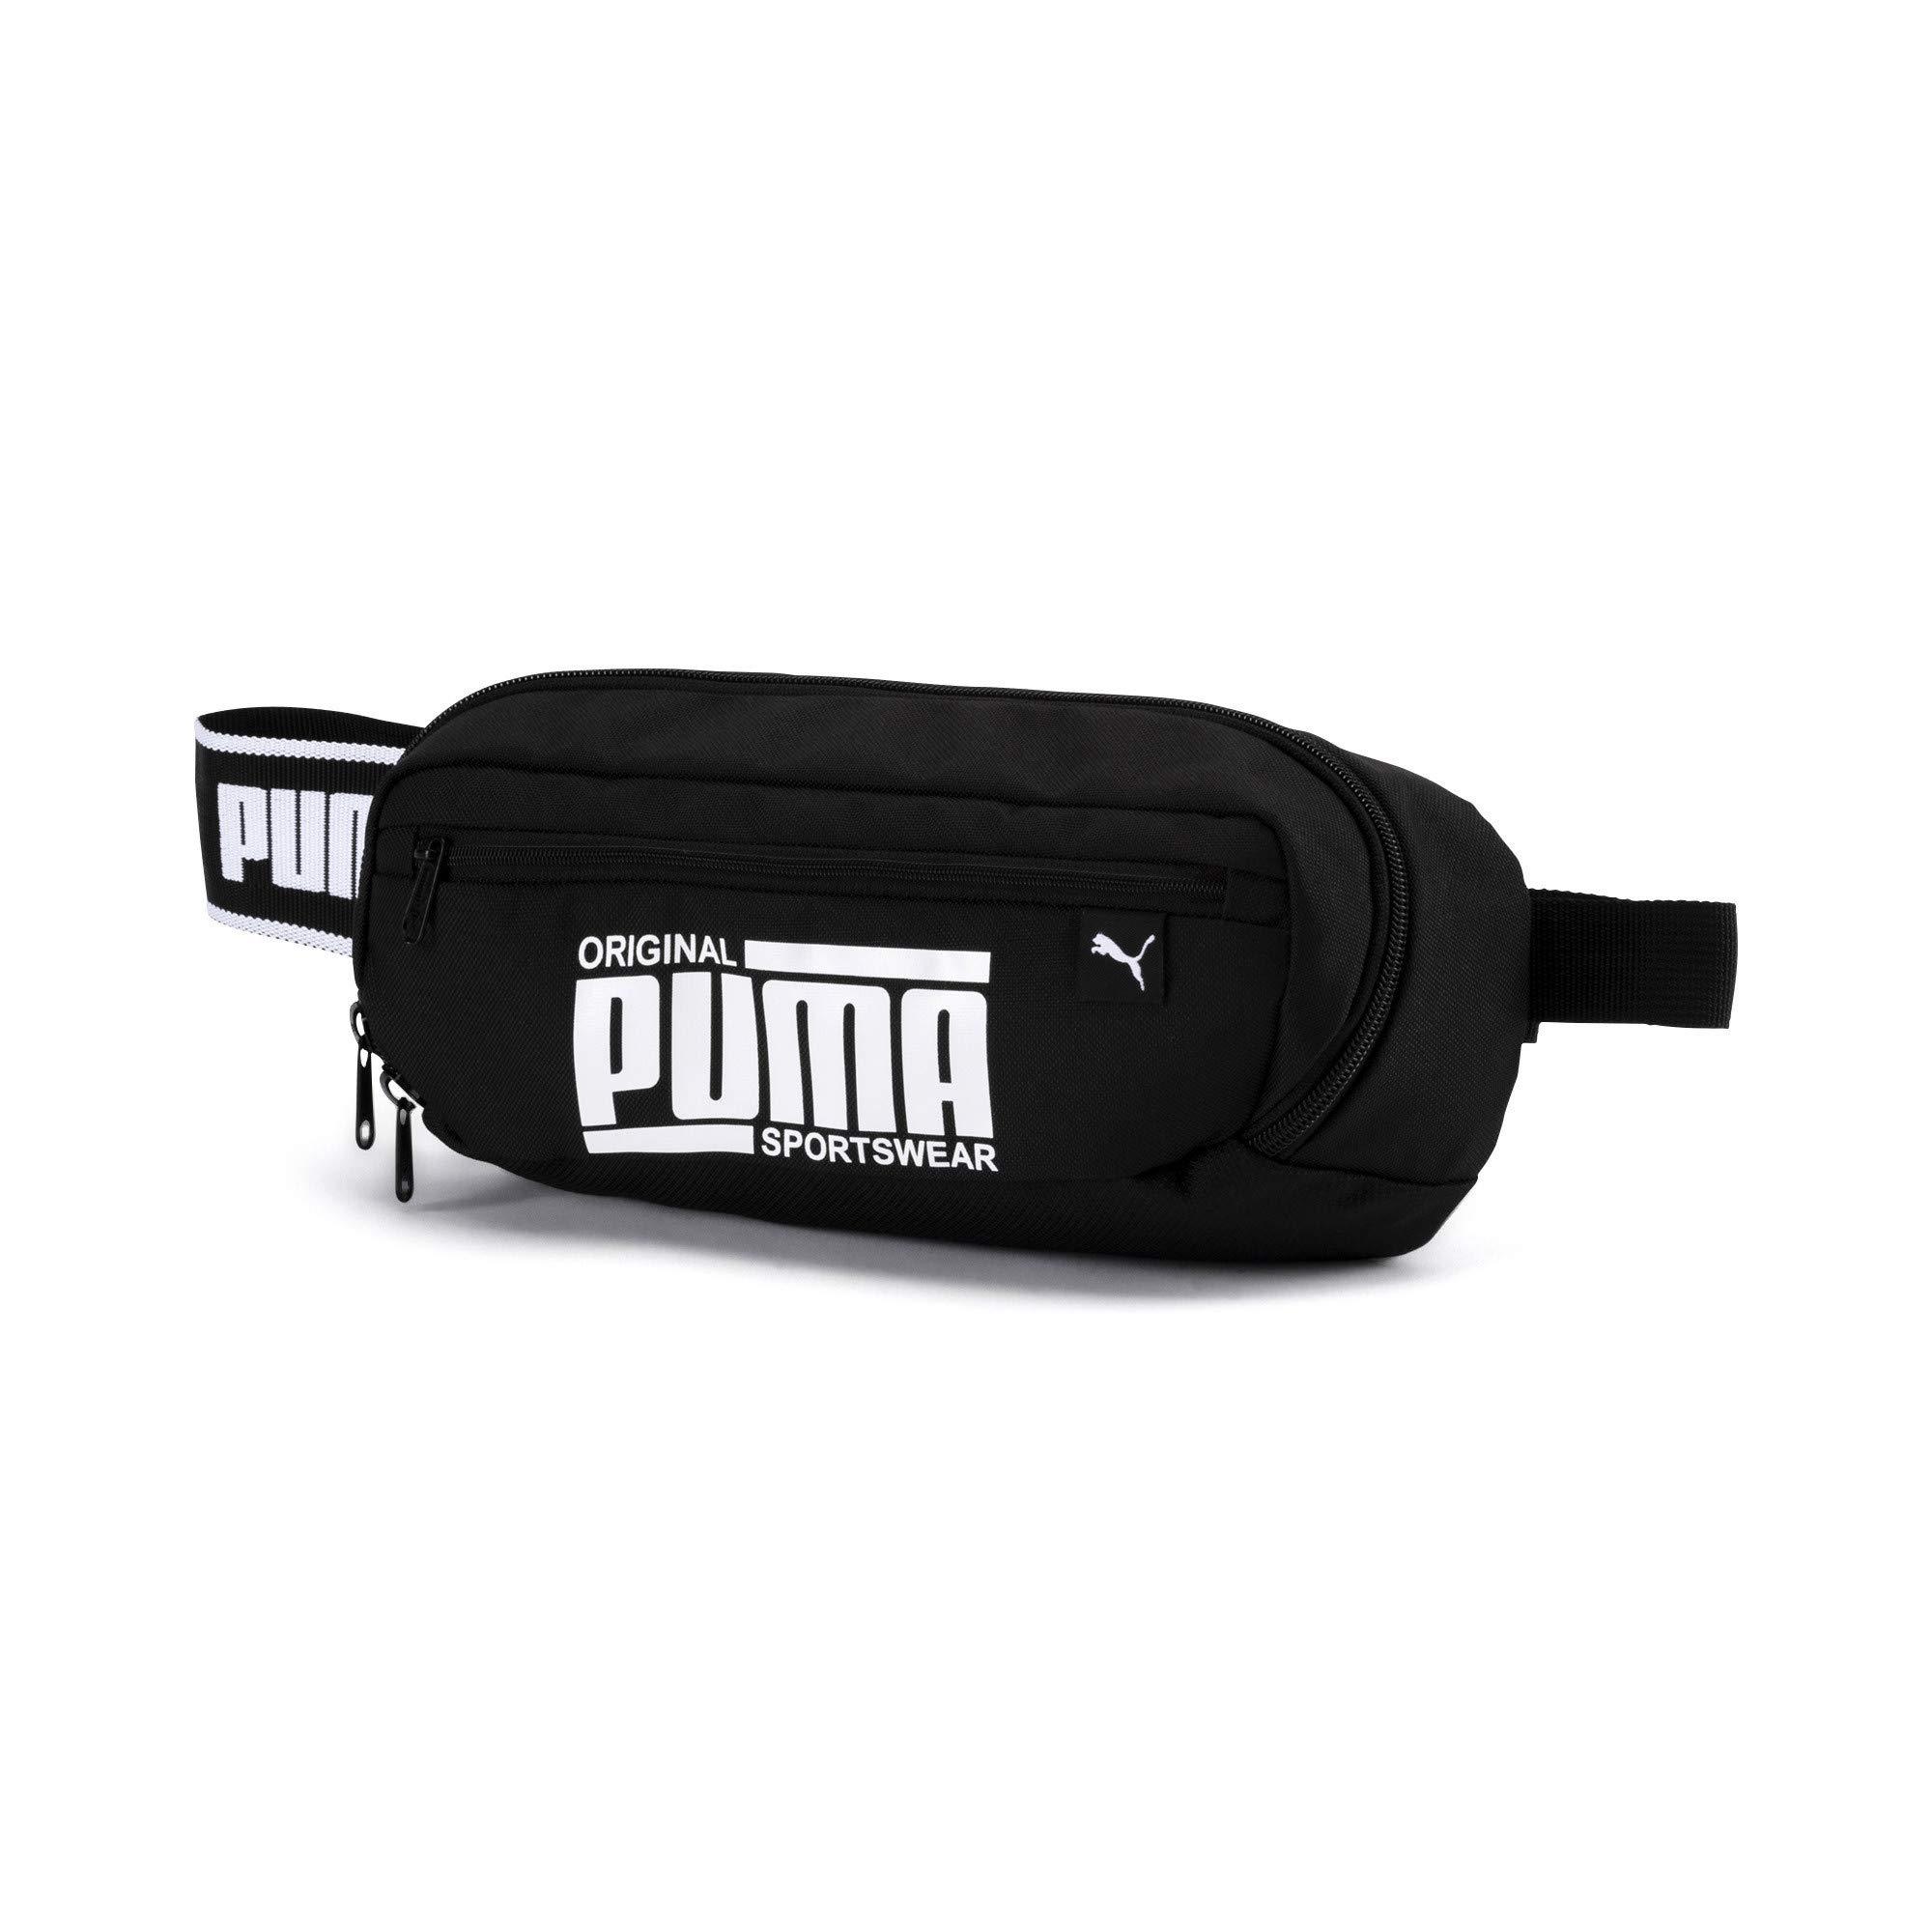 Puma Belt Bag Sole Waist Bag, Riñonera, Sportswear Logo - Negro: Amazon.es: Zapatos y complementos